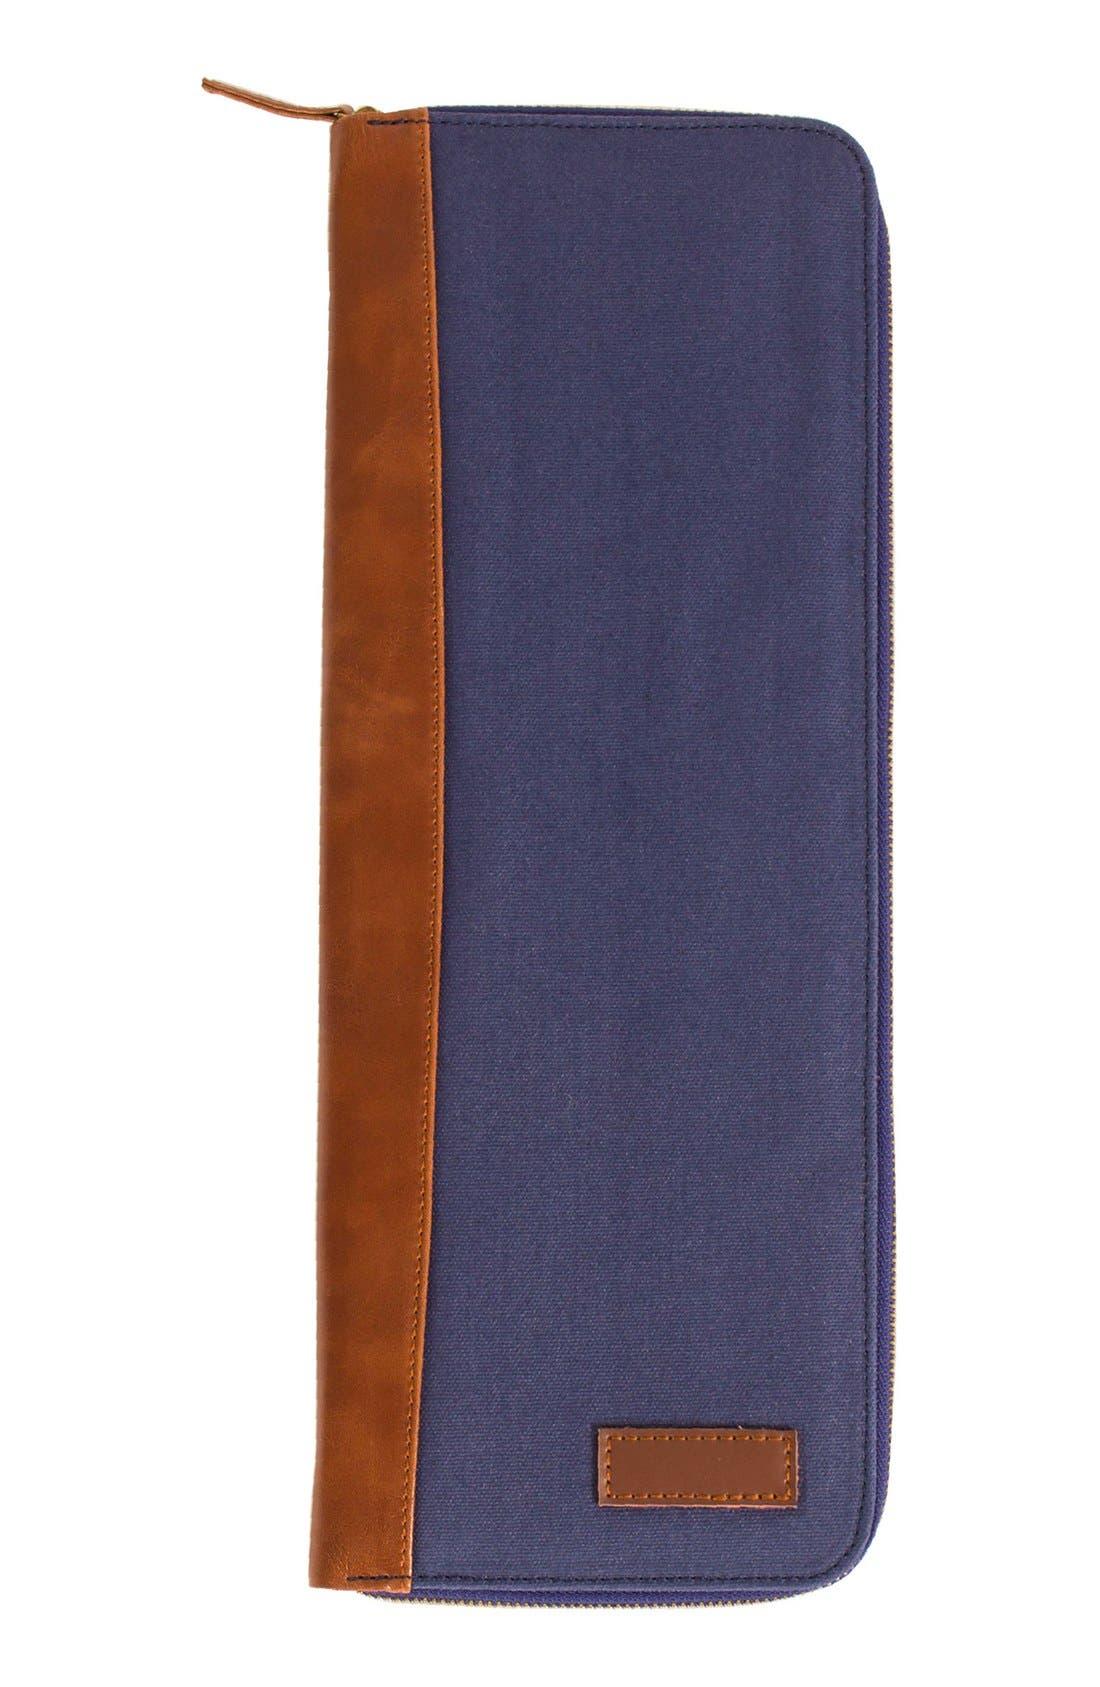 Monogram Tie Case,                         Main,                         color, NAVY